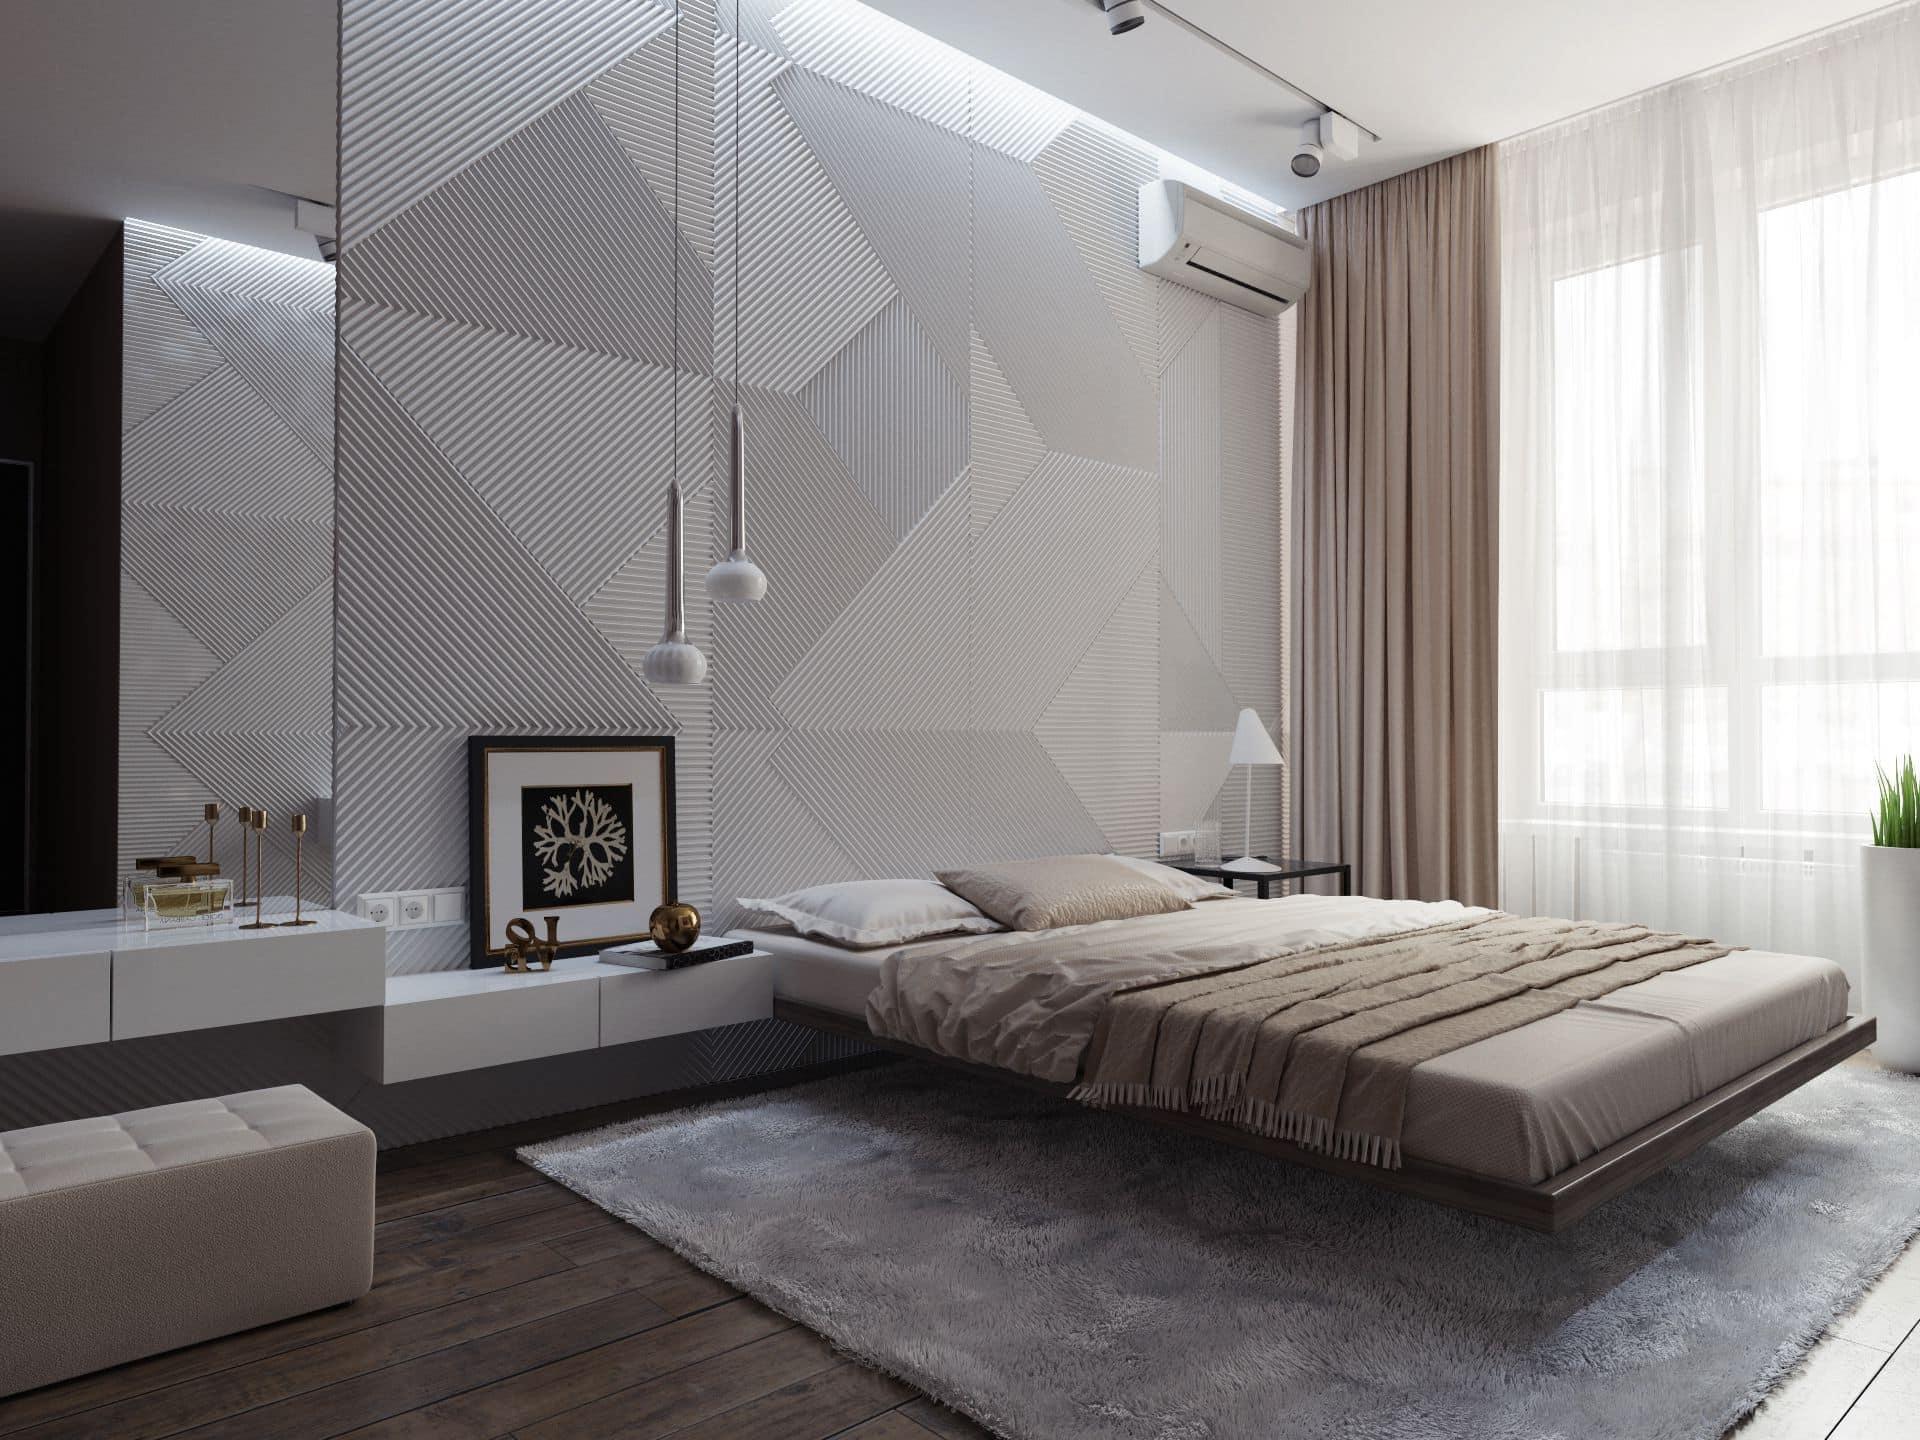 Un lit qui semble flotter dans l'air est élégant et inhabituel.